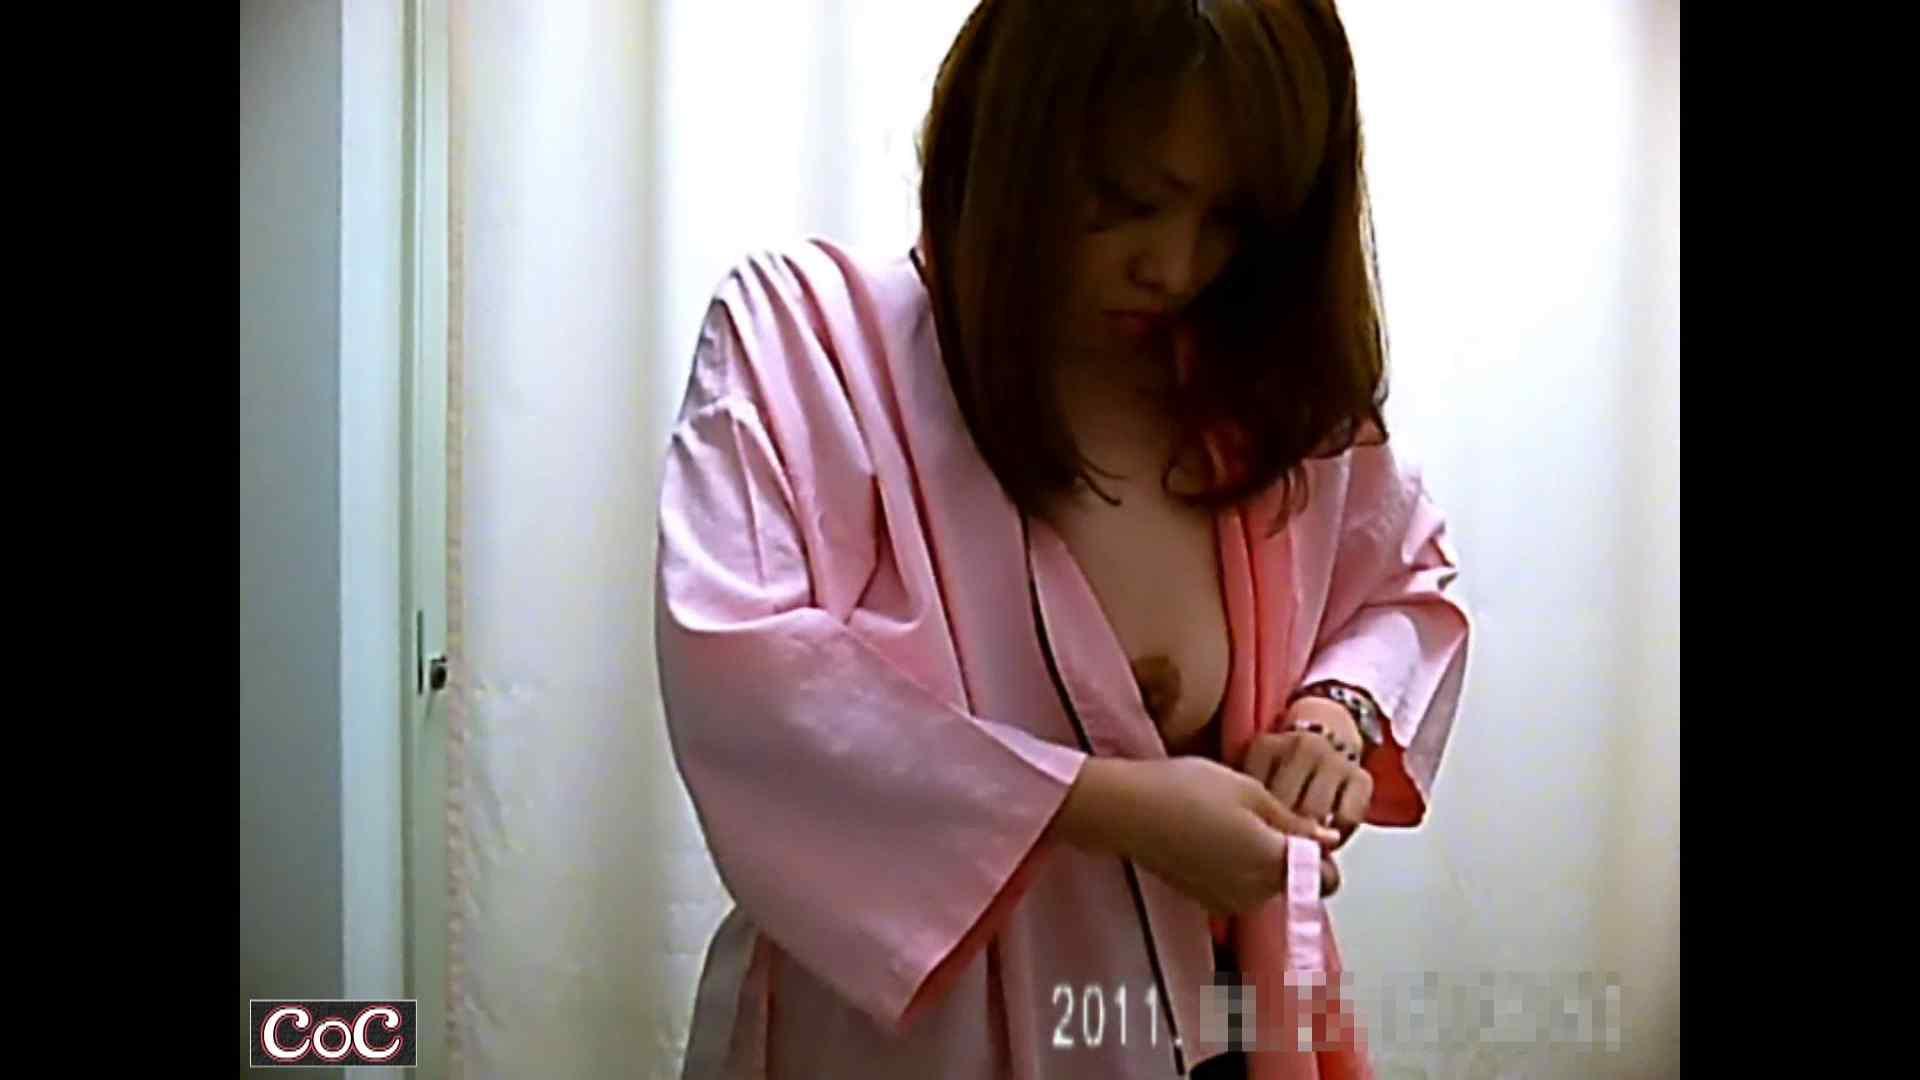 元医者による反抗 更衣室地獄絵巻 vol.153 OL女体  106連発 66